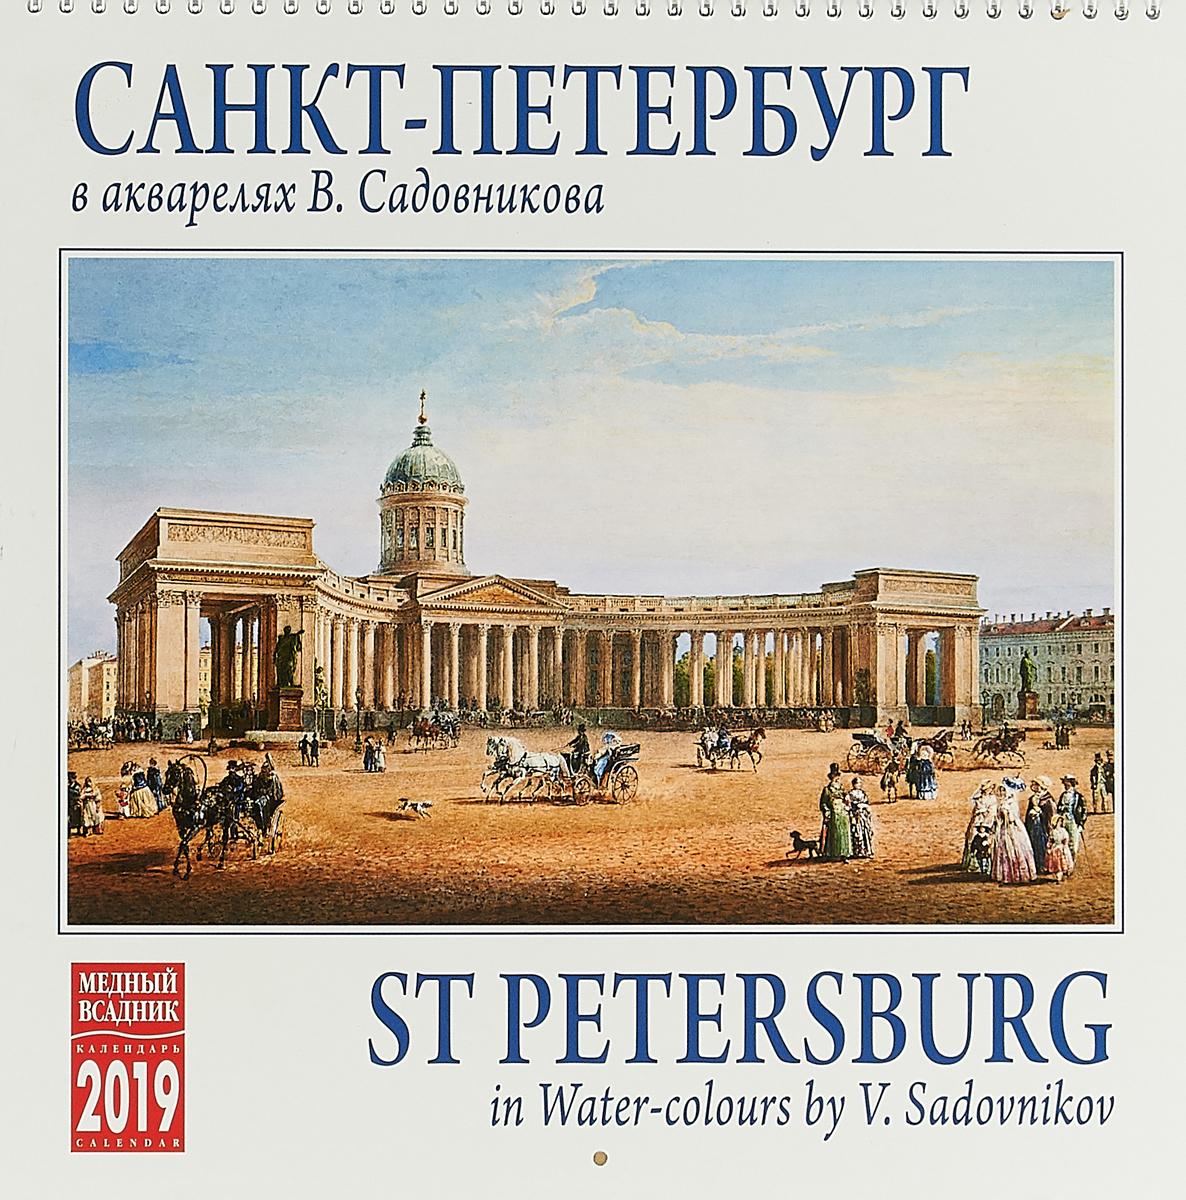 Календарь на спирали на 2019 год. Санкт-Петербург в акварелях календарь на спирали кр20 на 2019 год эрмитаж шедевры живописи 34 47см [кр20 19012]